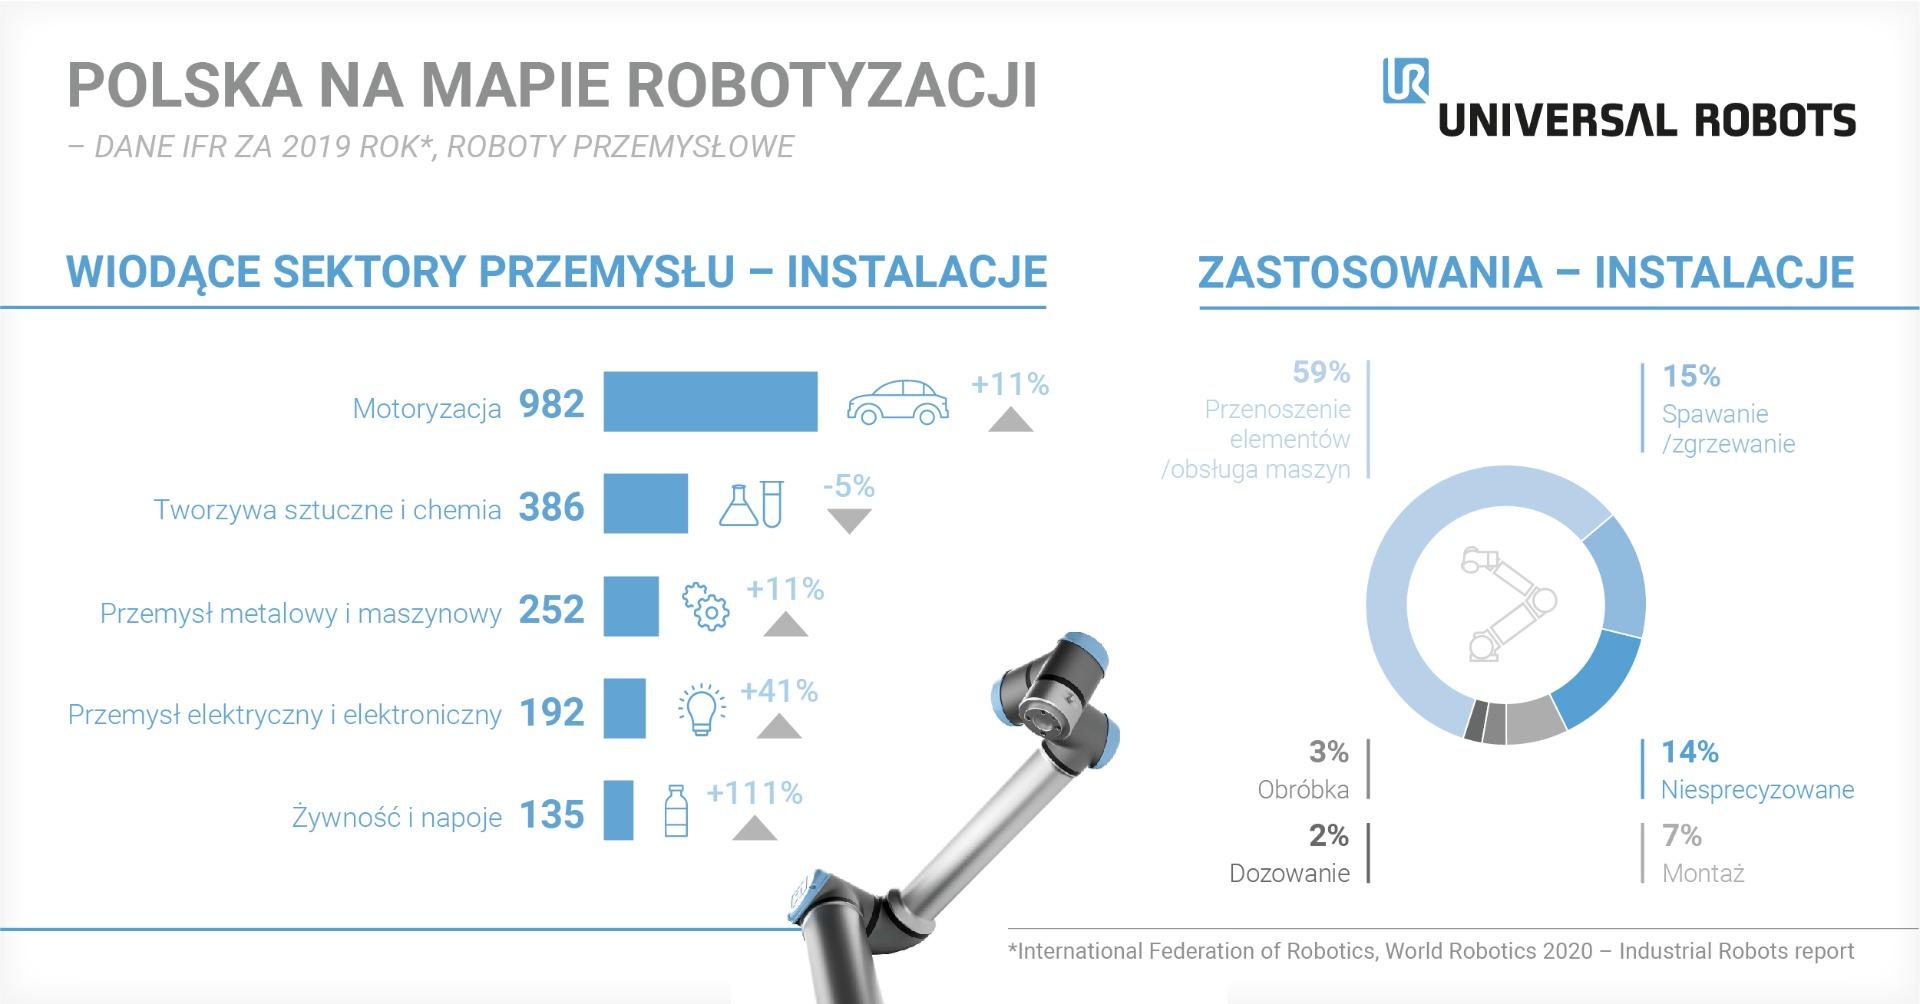 Polska na mapie robotyzacji_raport IFR_2019